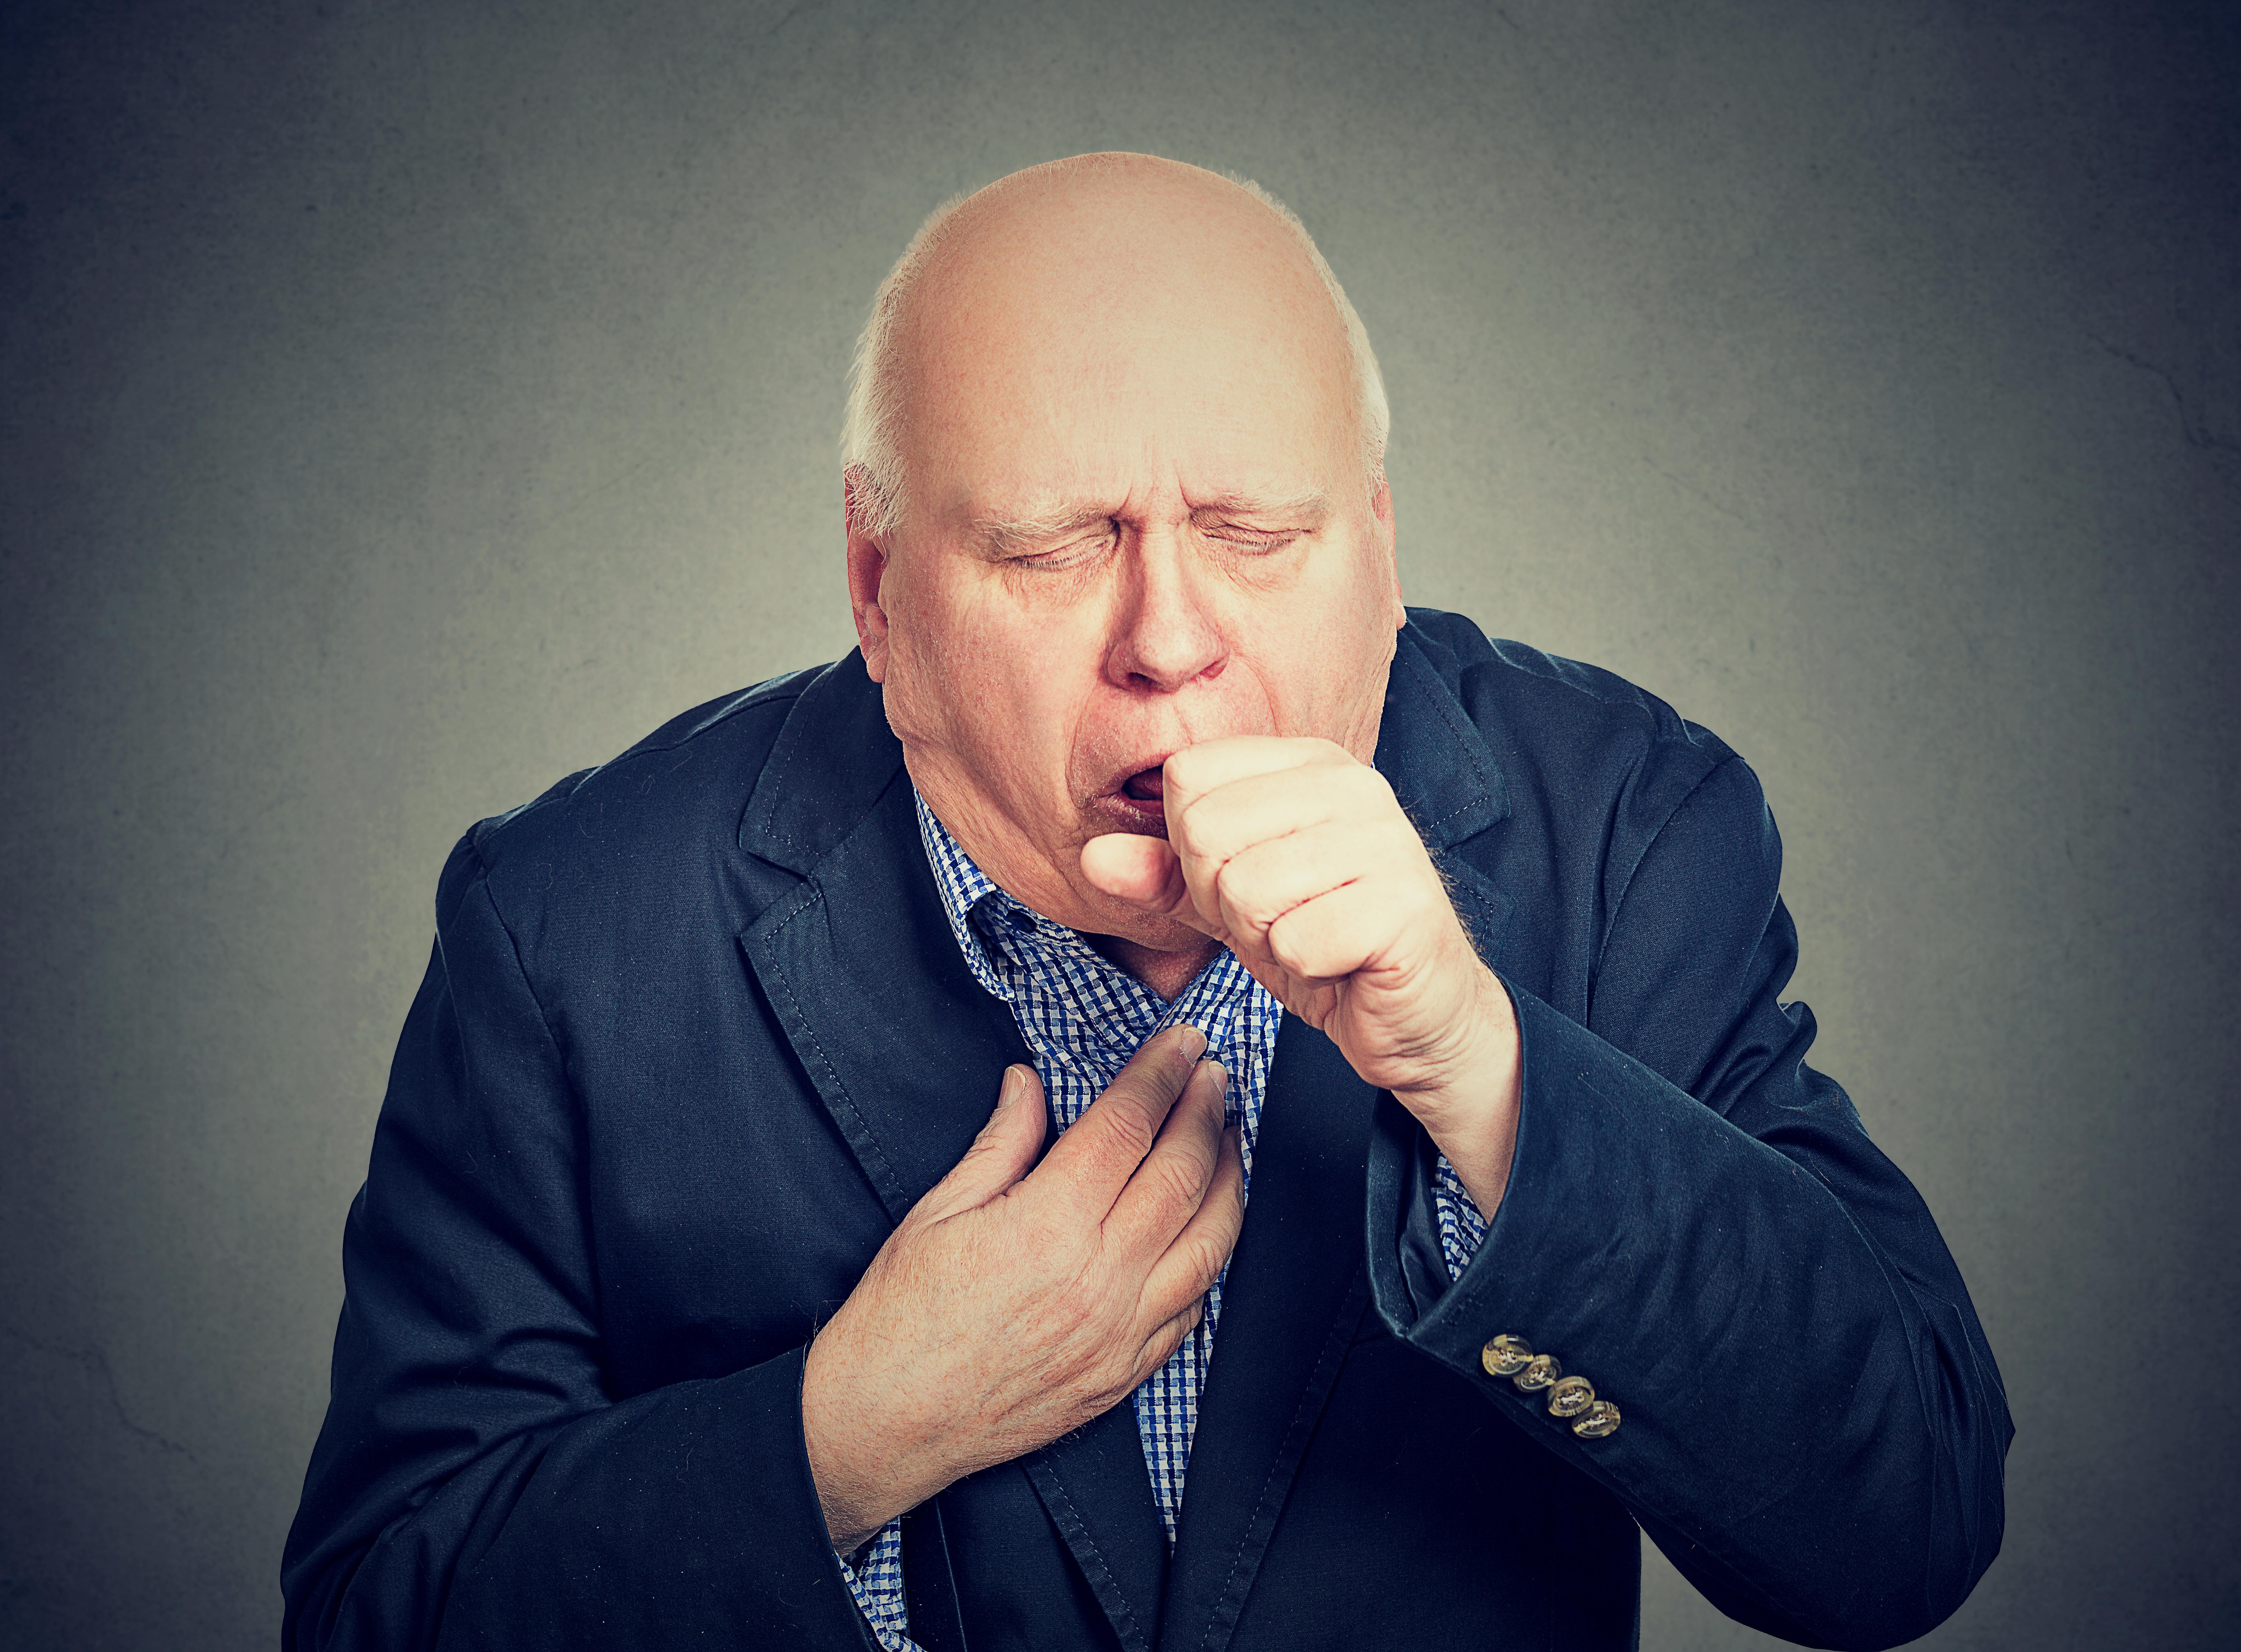 uzun sureli sigara kullanimi koaha neden olabiliyor